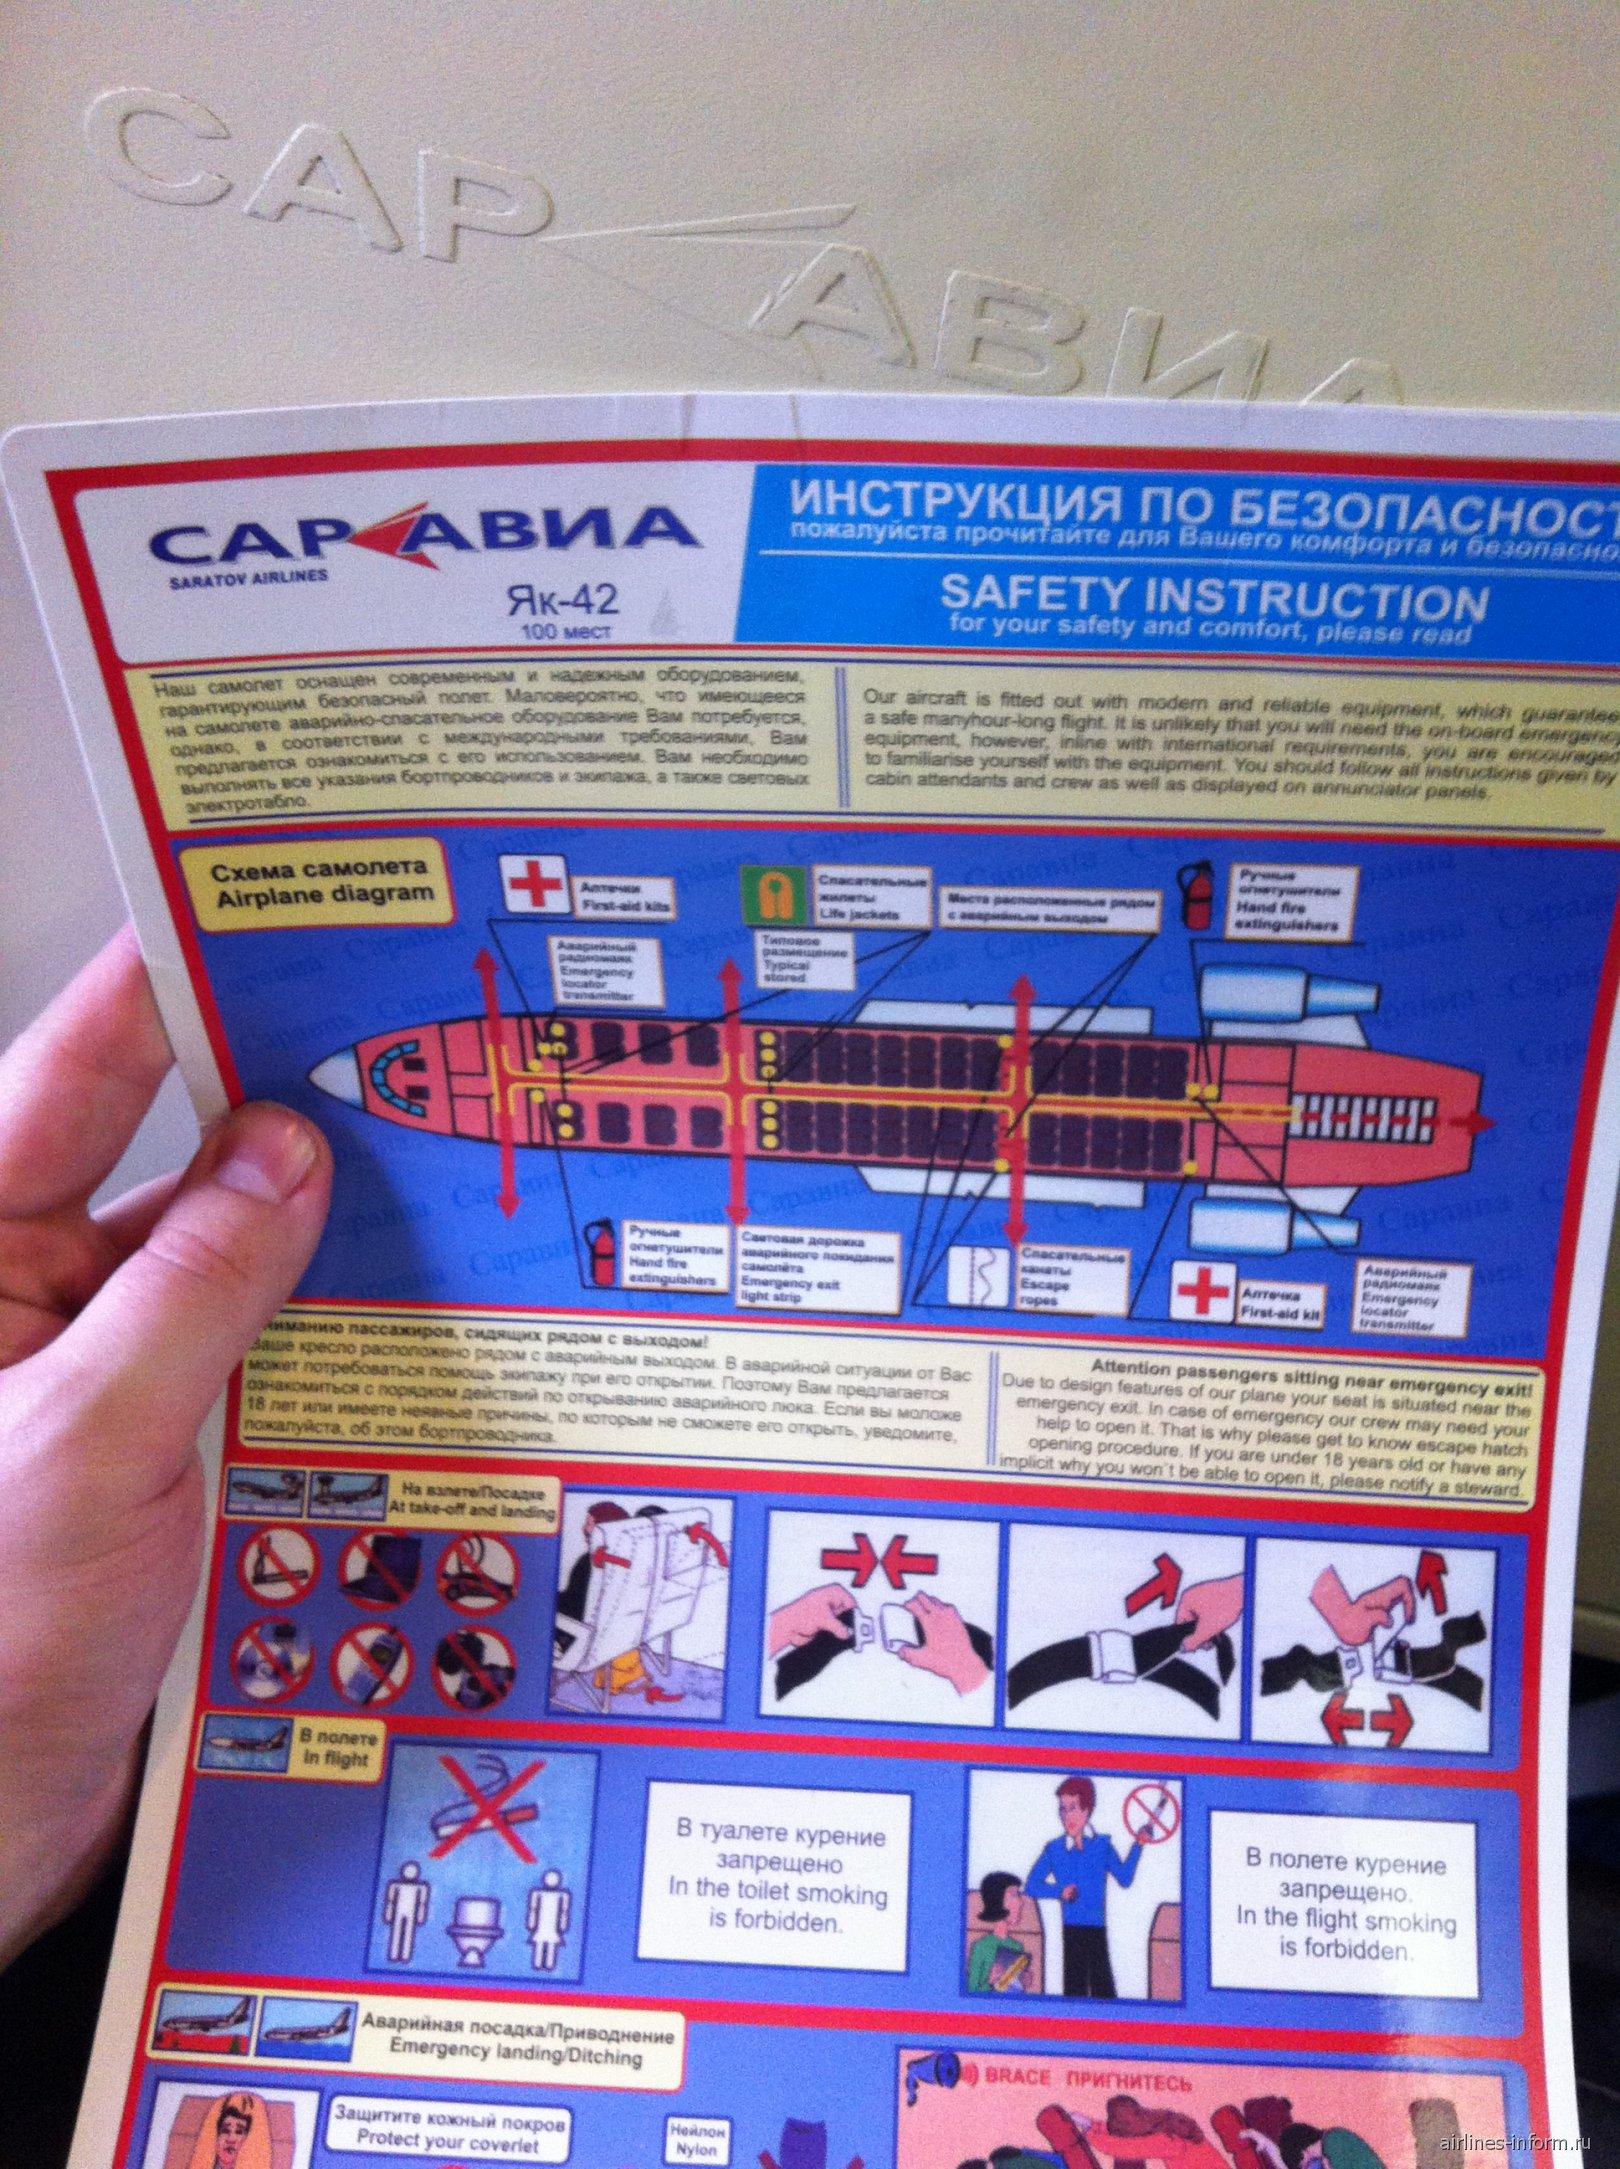 Инструкция по безопасности авиакомпании Саравиа